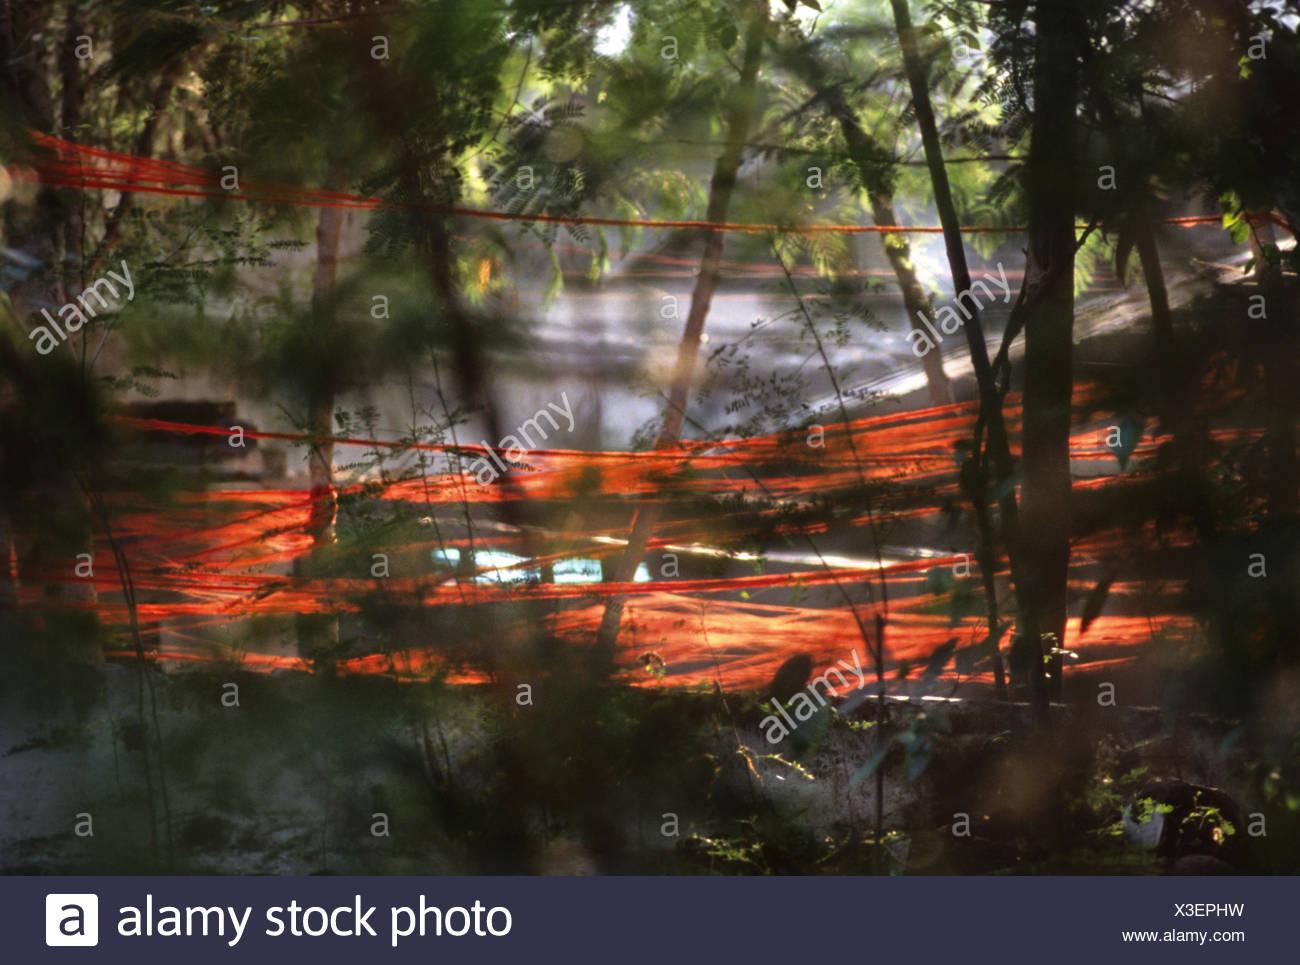 Drying dyed warp - Stock Image